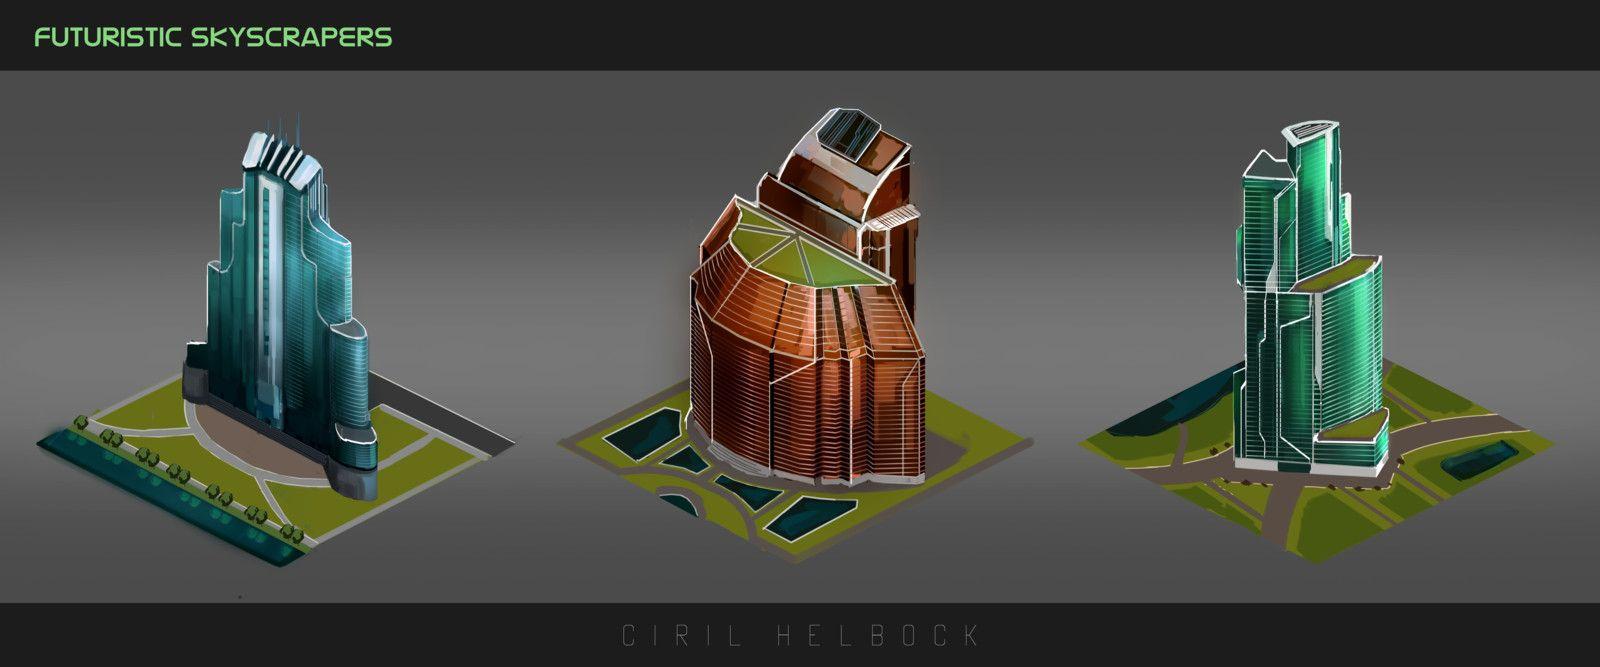 Futuristic Skyscrapers, Ciril Helbock on ArtStation at https://www.artstation.com/artwork/Wdnrv